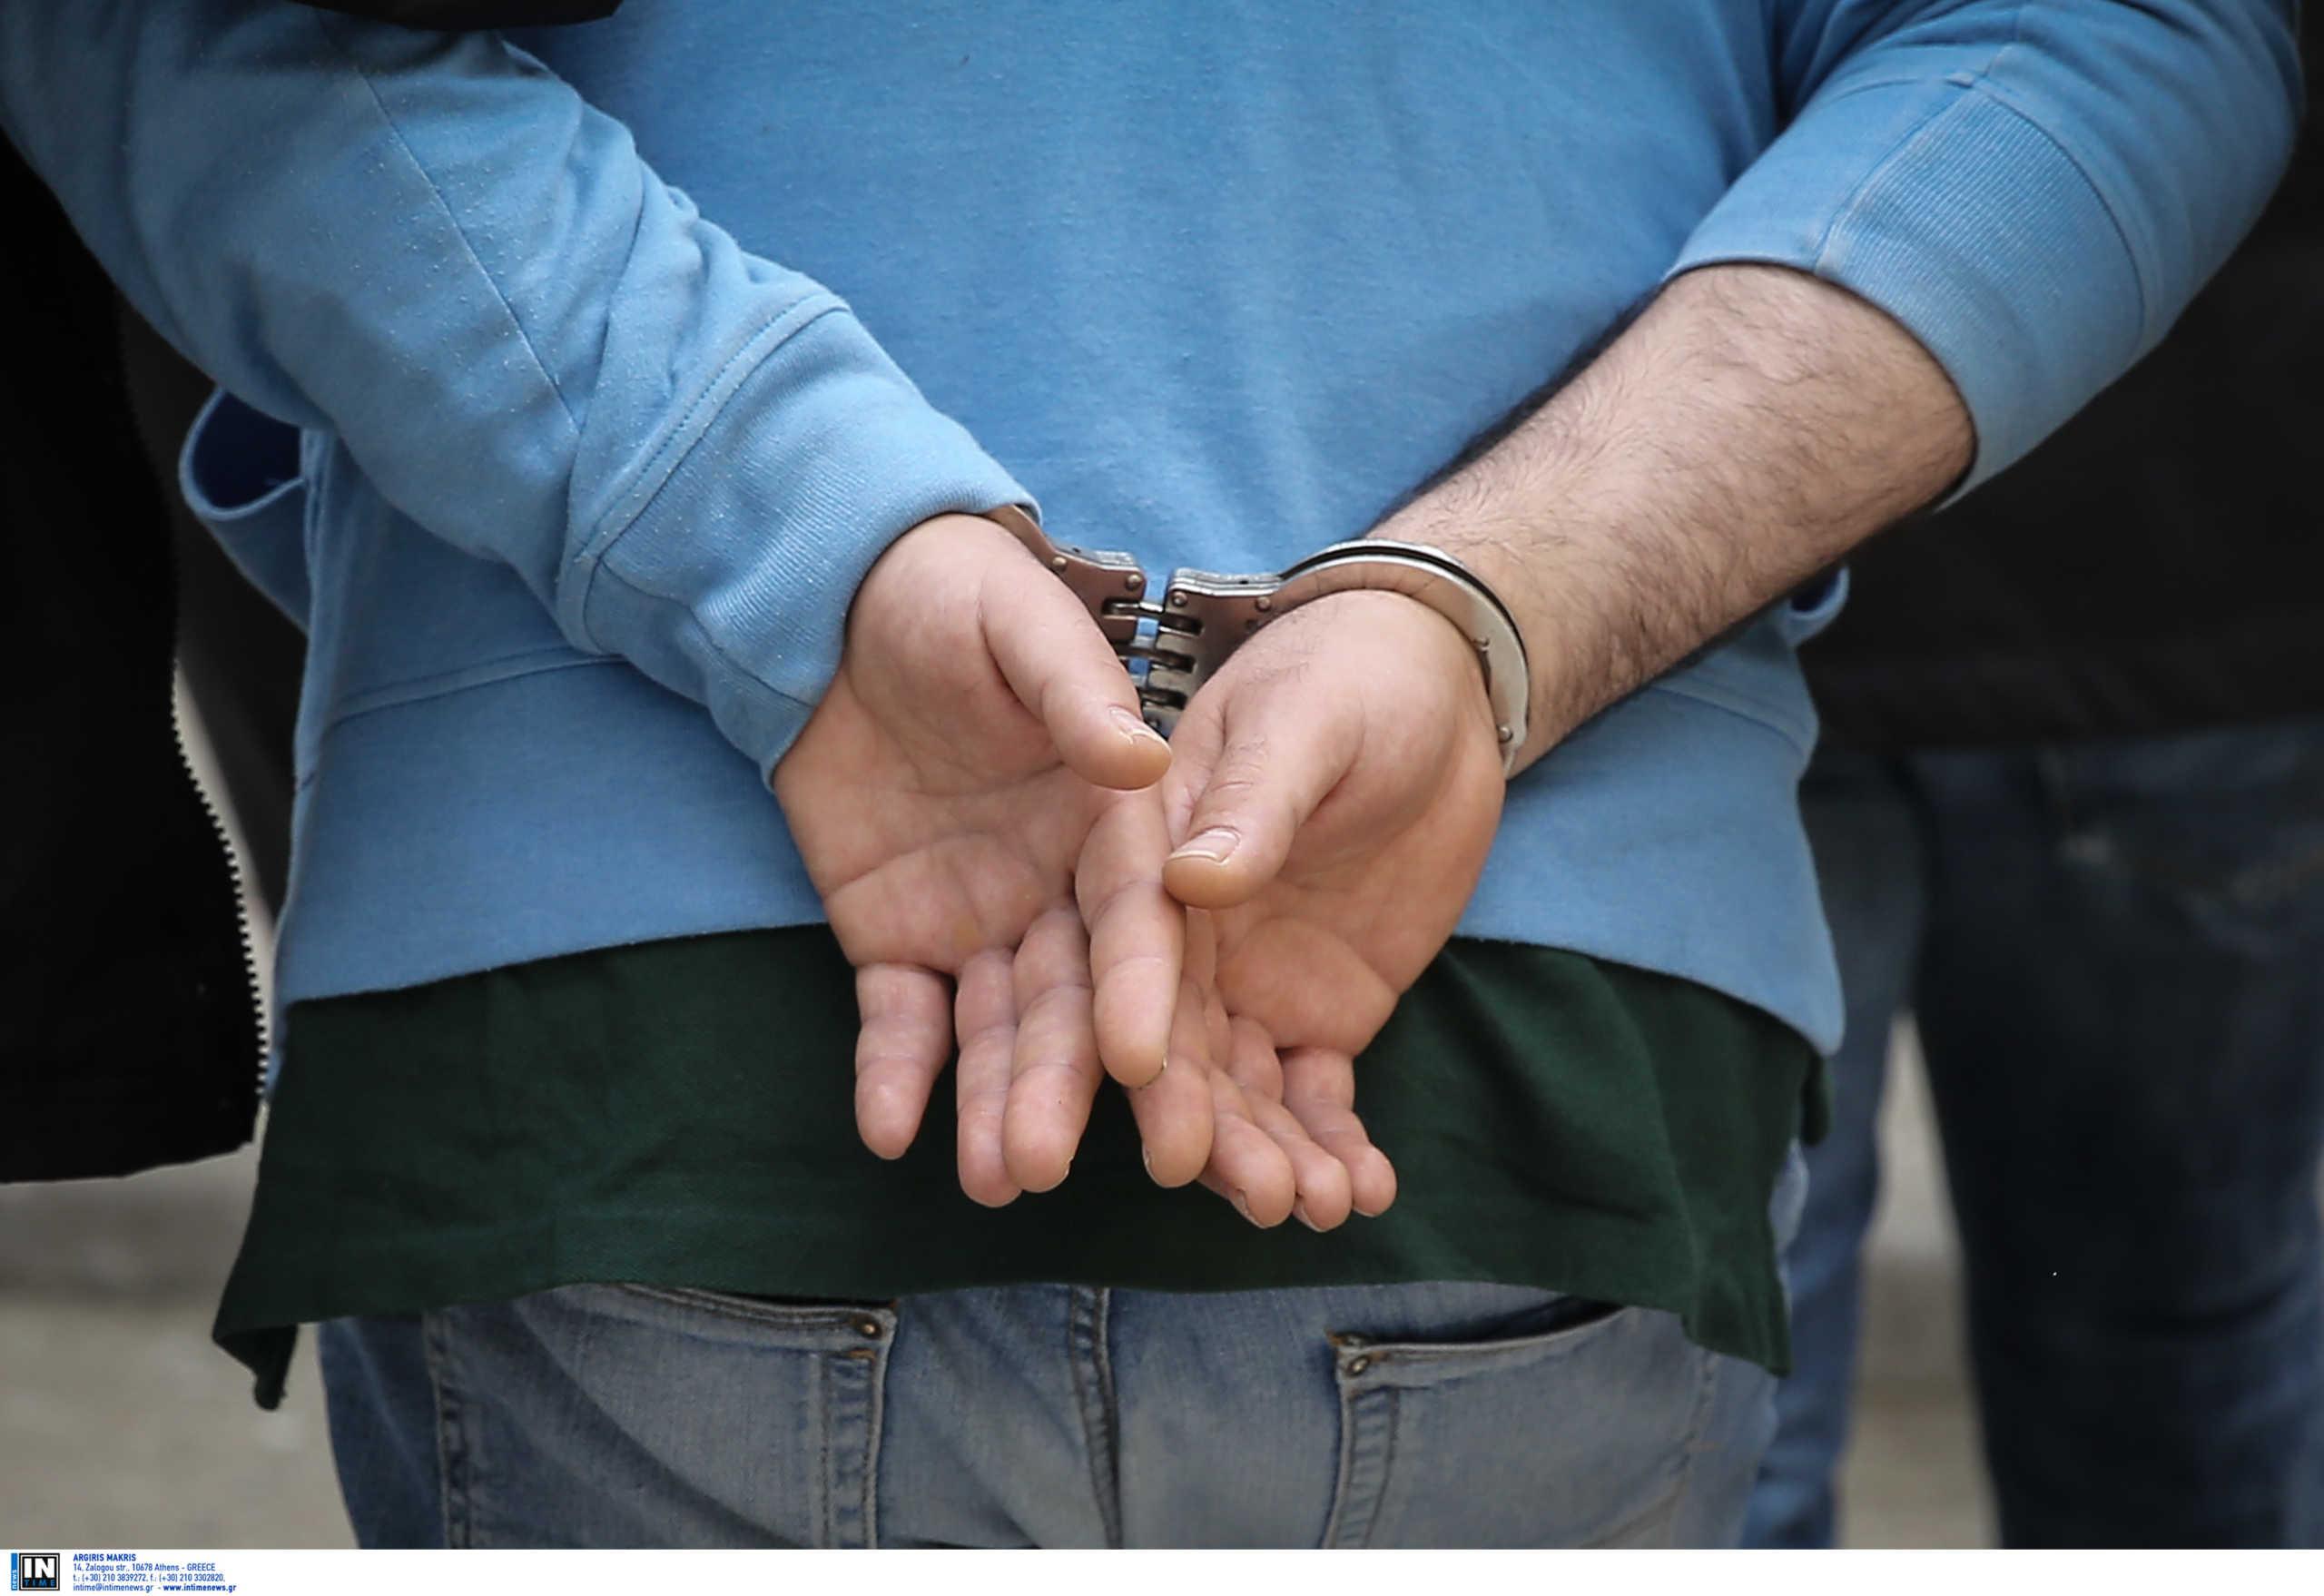 Πάτρα: 24χρονος σε αμόκ απειλούσε με μαχαίρια περαστικούς και αστυνομικούς